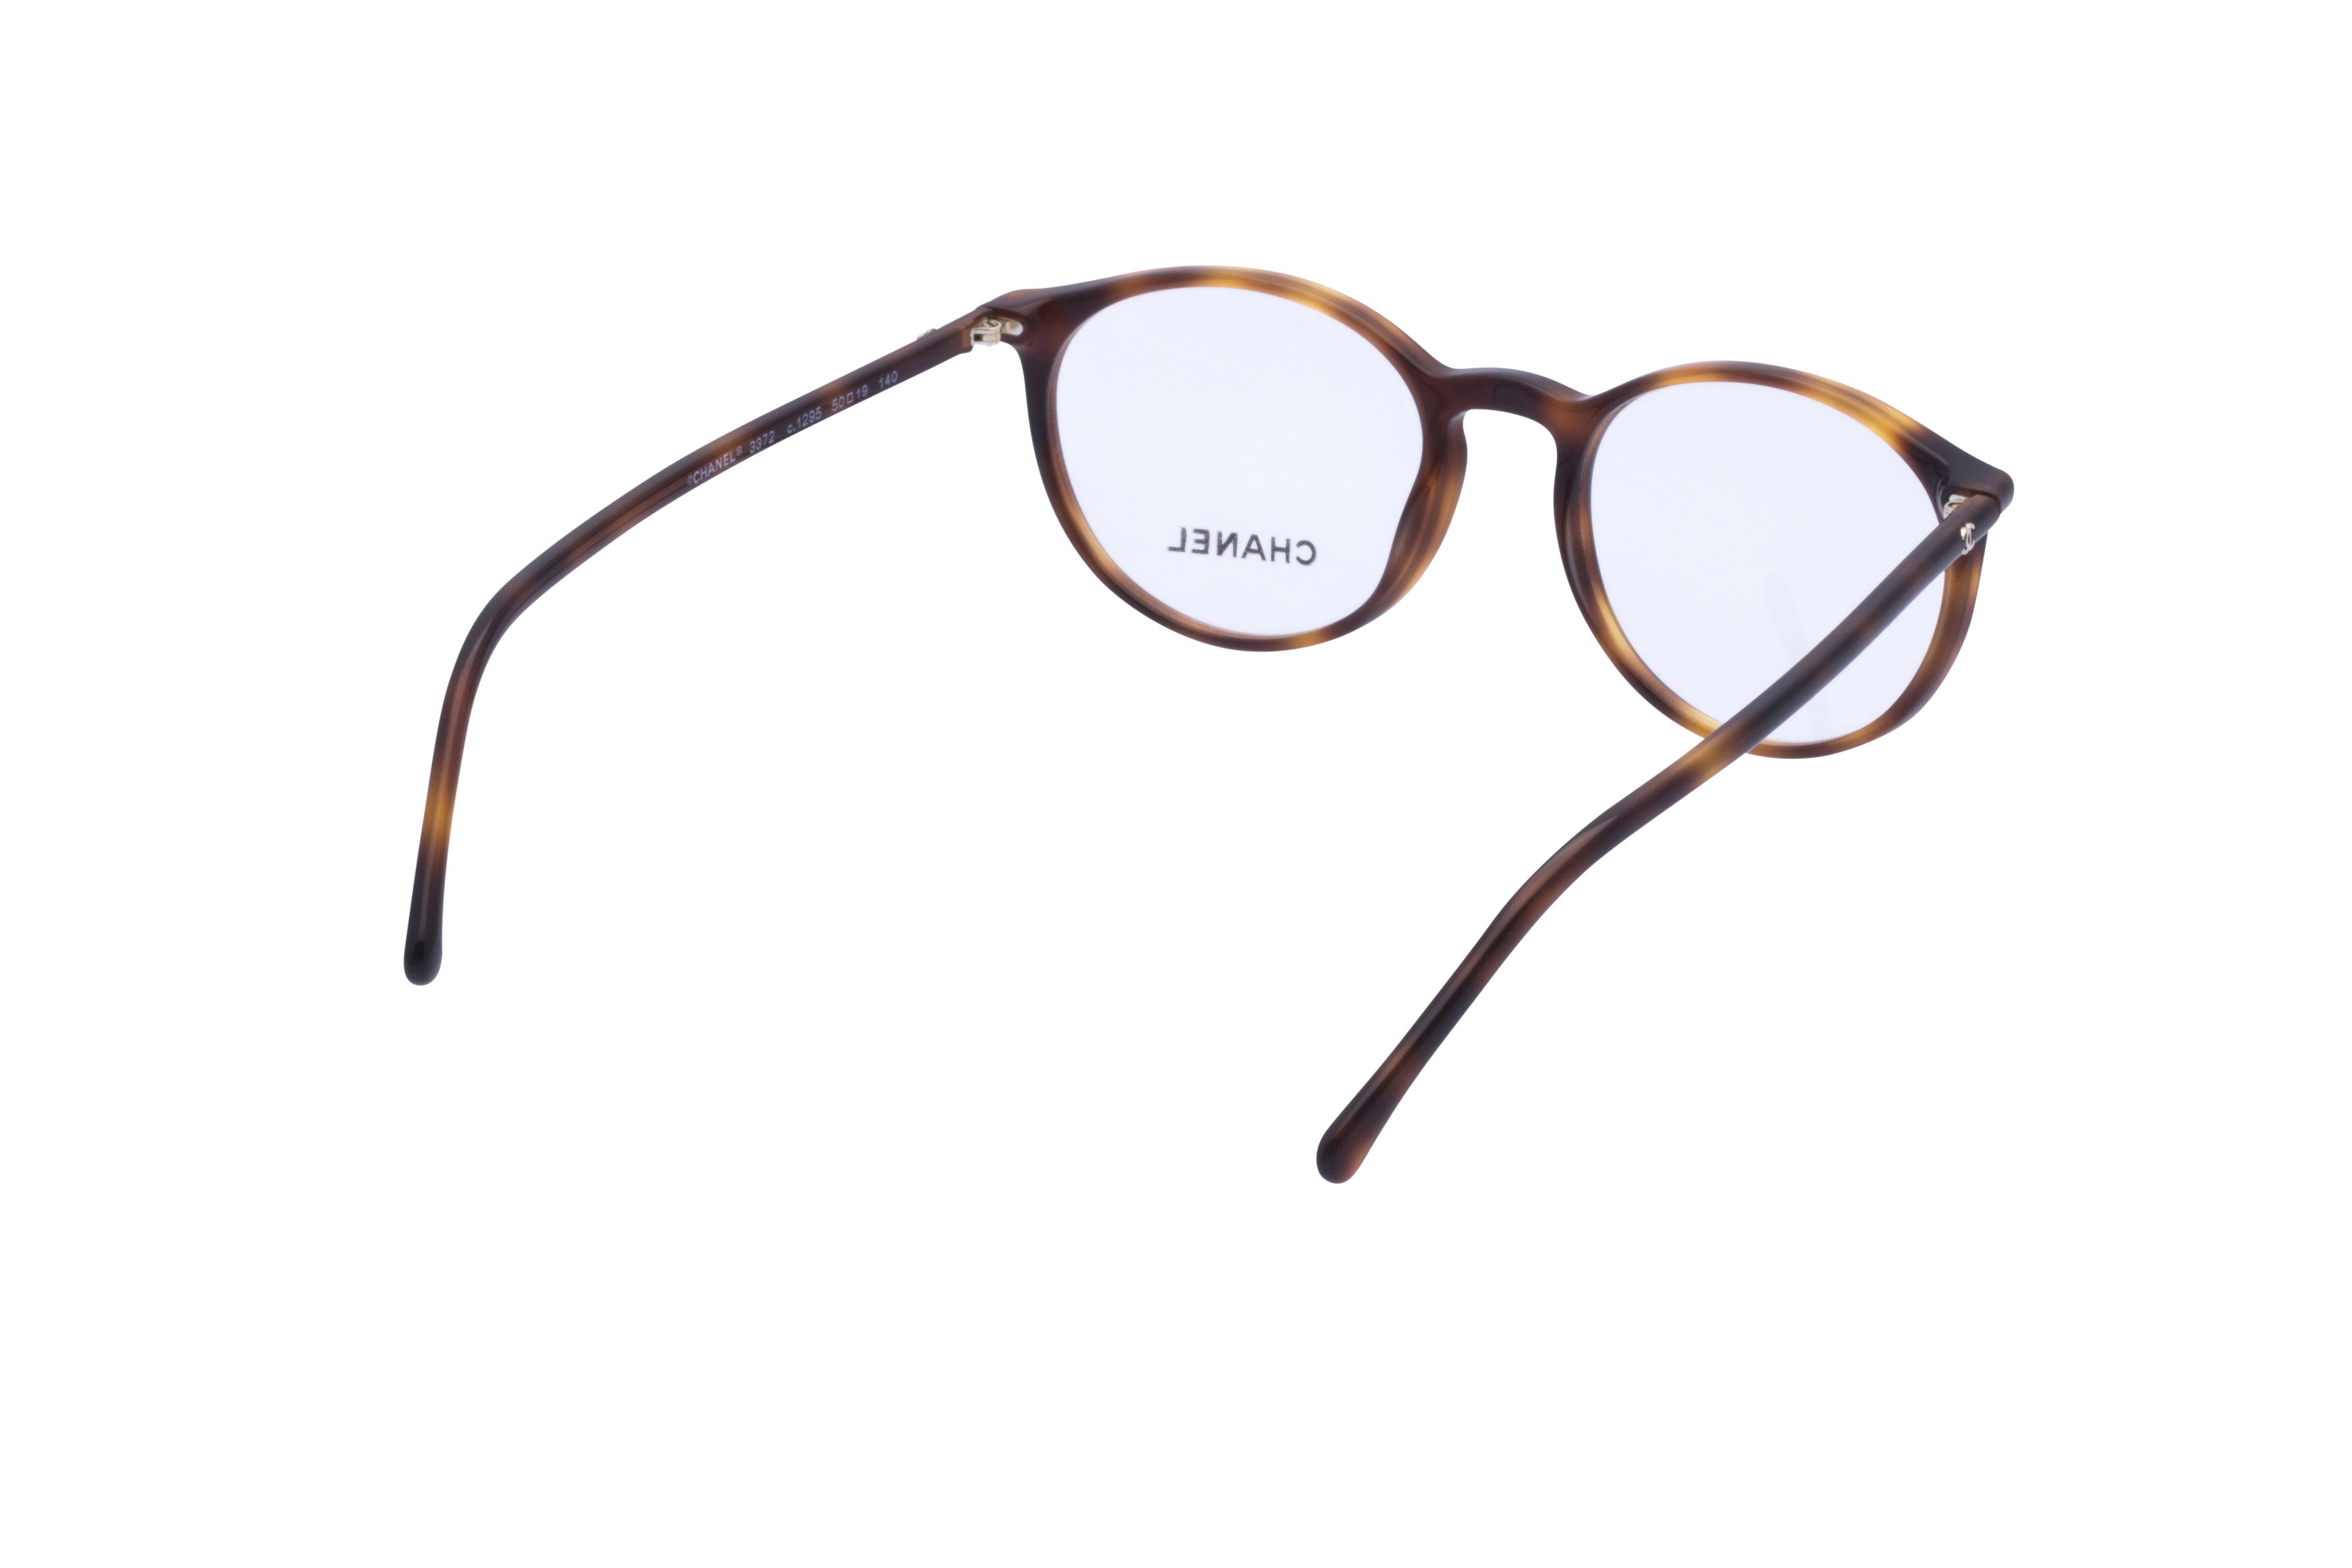 360 Grad Ansicht 10 Chanel 3372 Frontansicht, Brille auf Weiß - Fassung bei KUNK